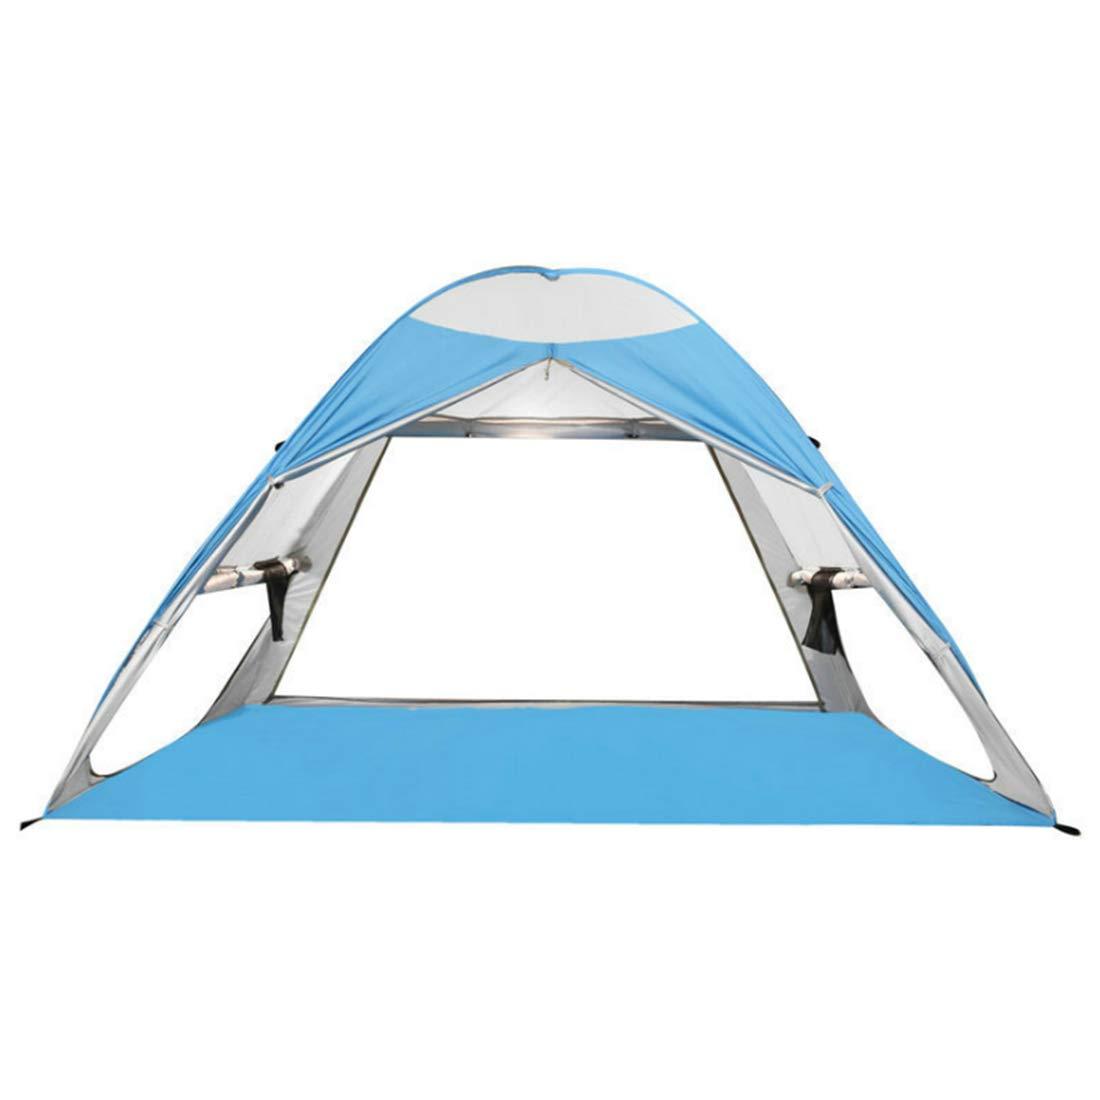 Ploekgda 3-Personen- oder 2-Personen-Outdoor-Zelt für Wild-Camping (Farbe : Weiß)